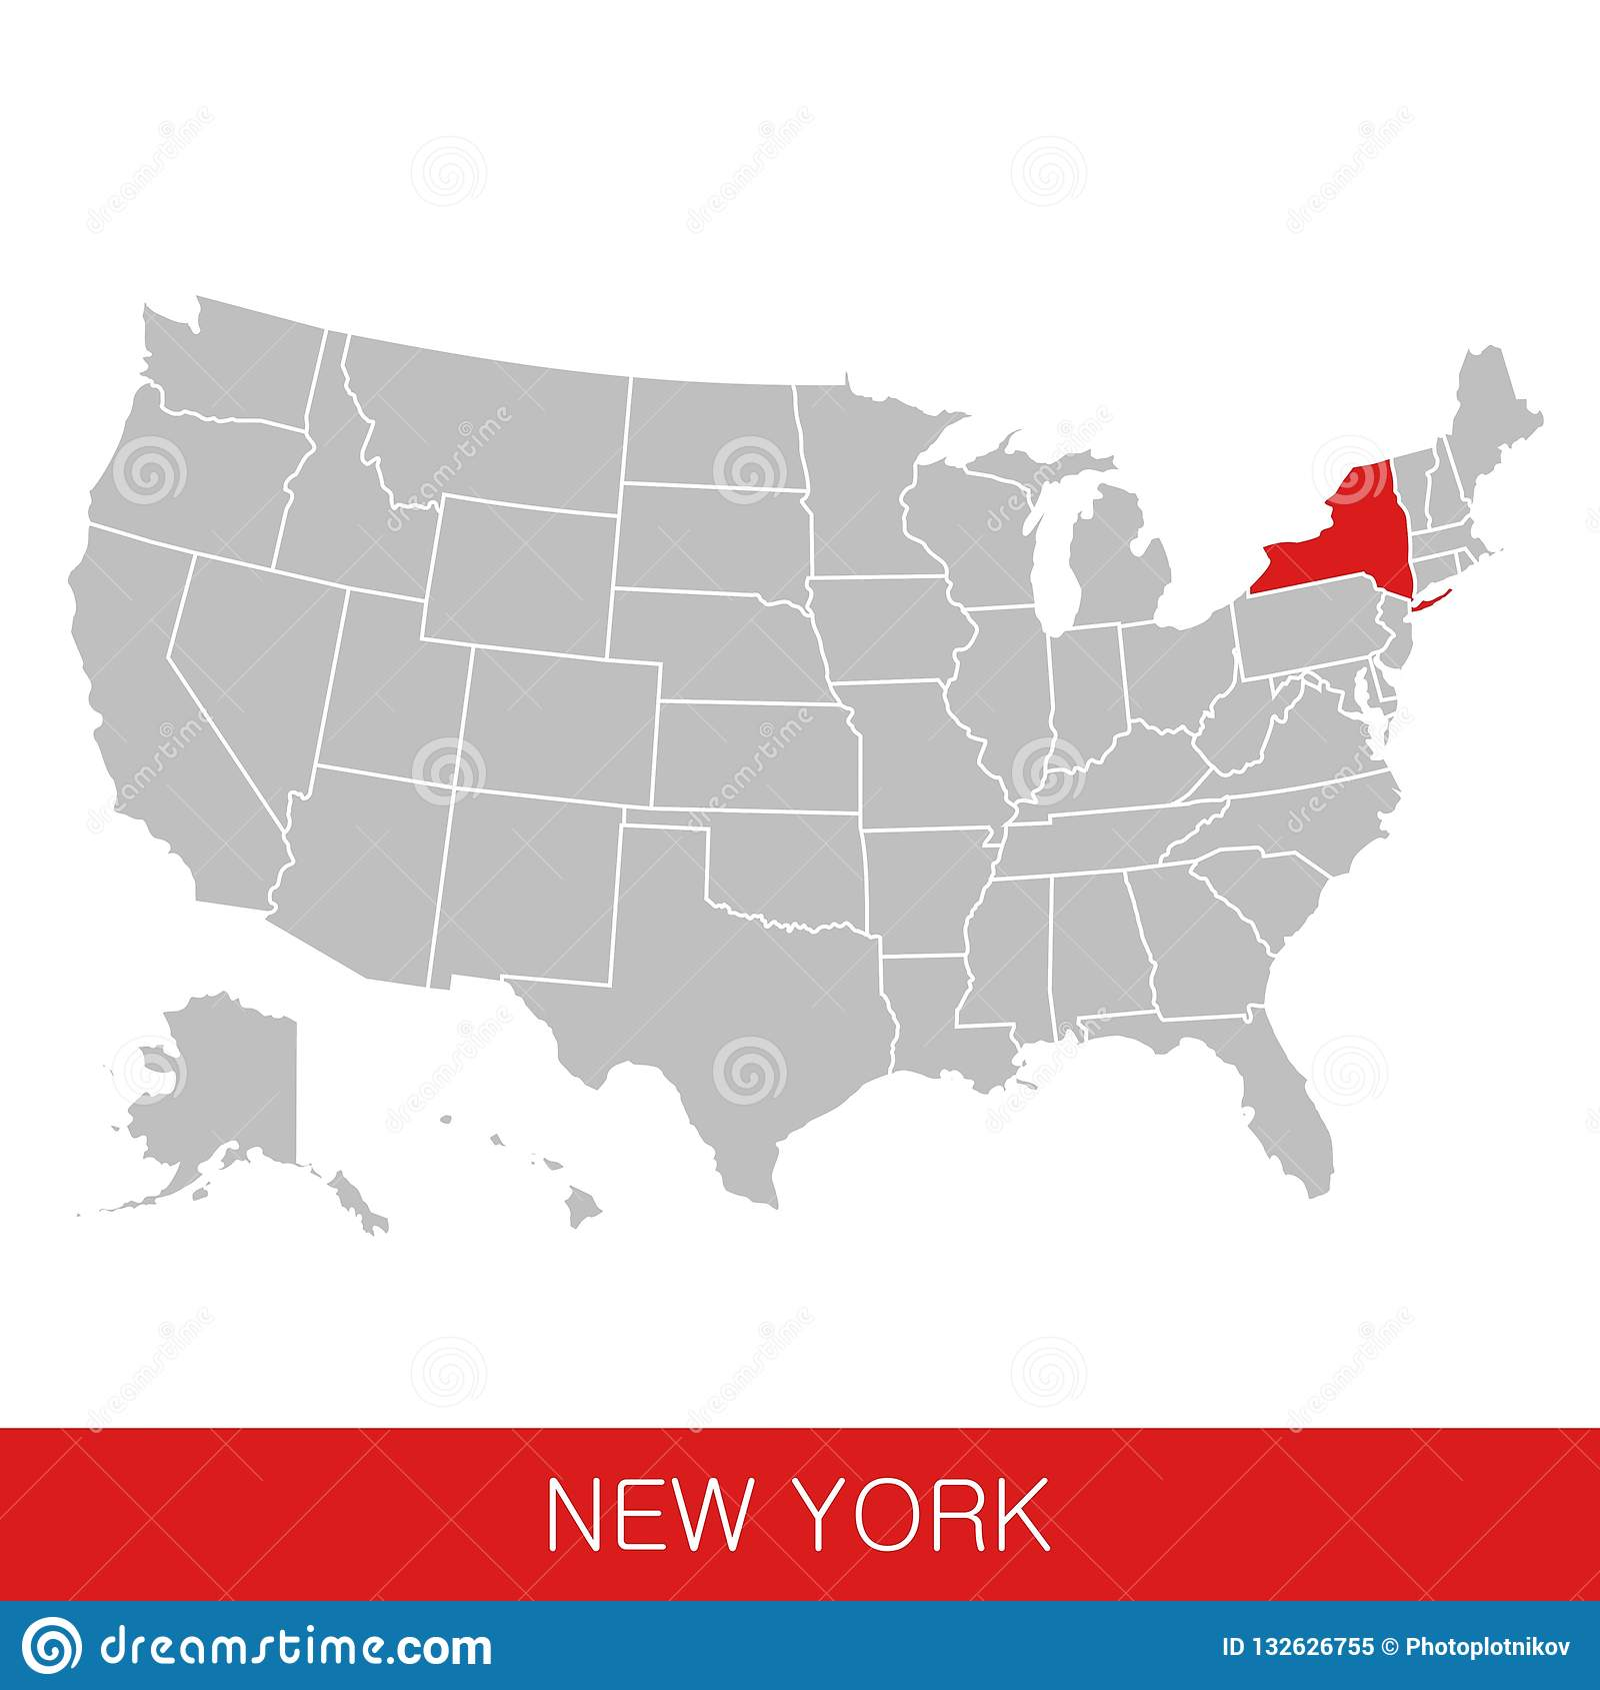 Les Etats Unis D Amérique Avec L état De New York Ont Choisi Carte Des Etats Unis Illustration De Vecteur Illustration Du Diagramme Illustration 132626755